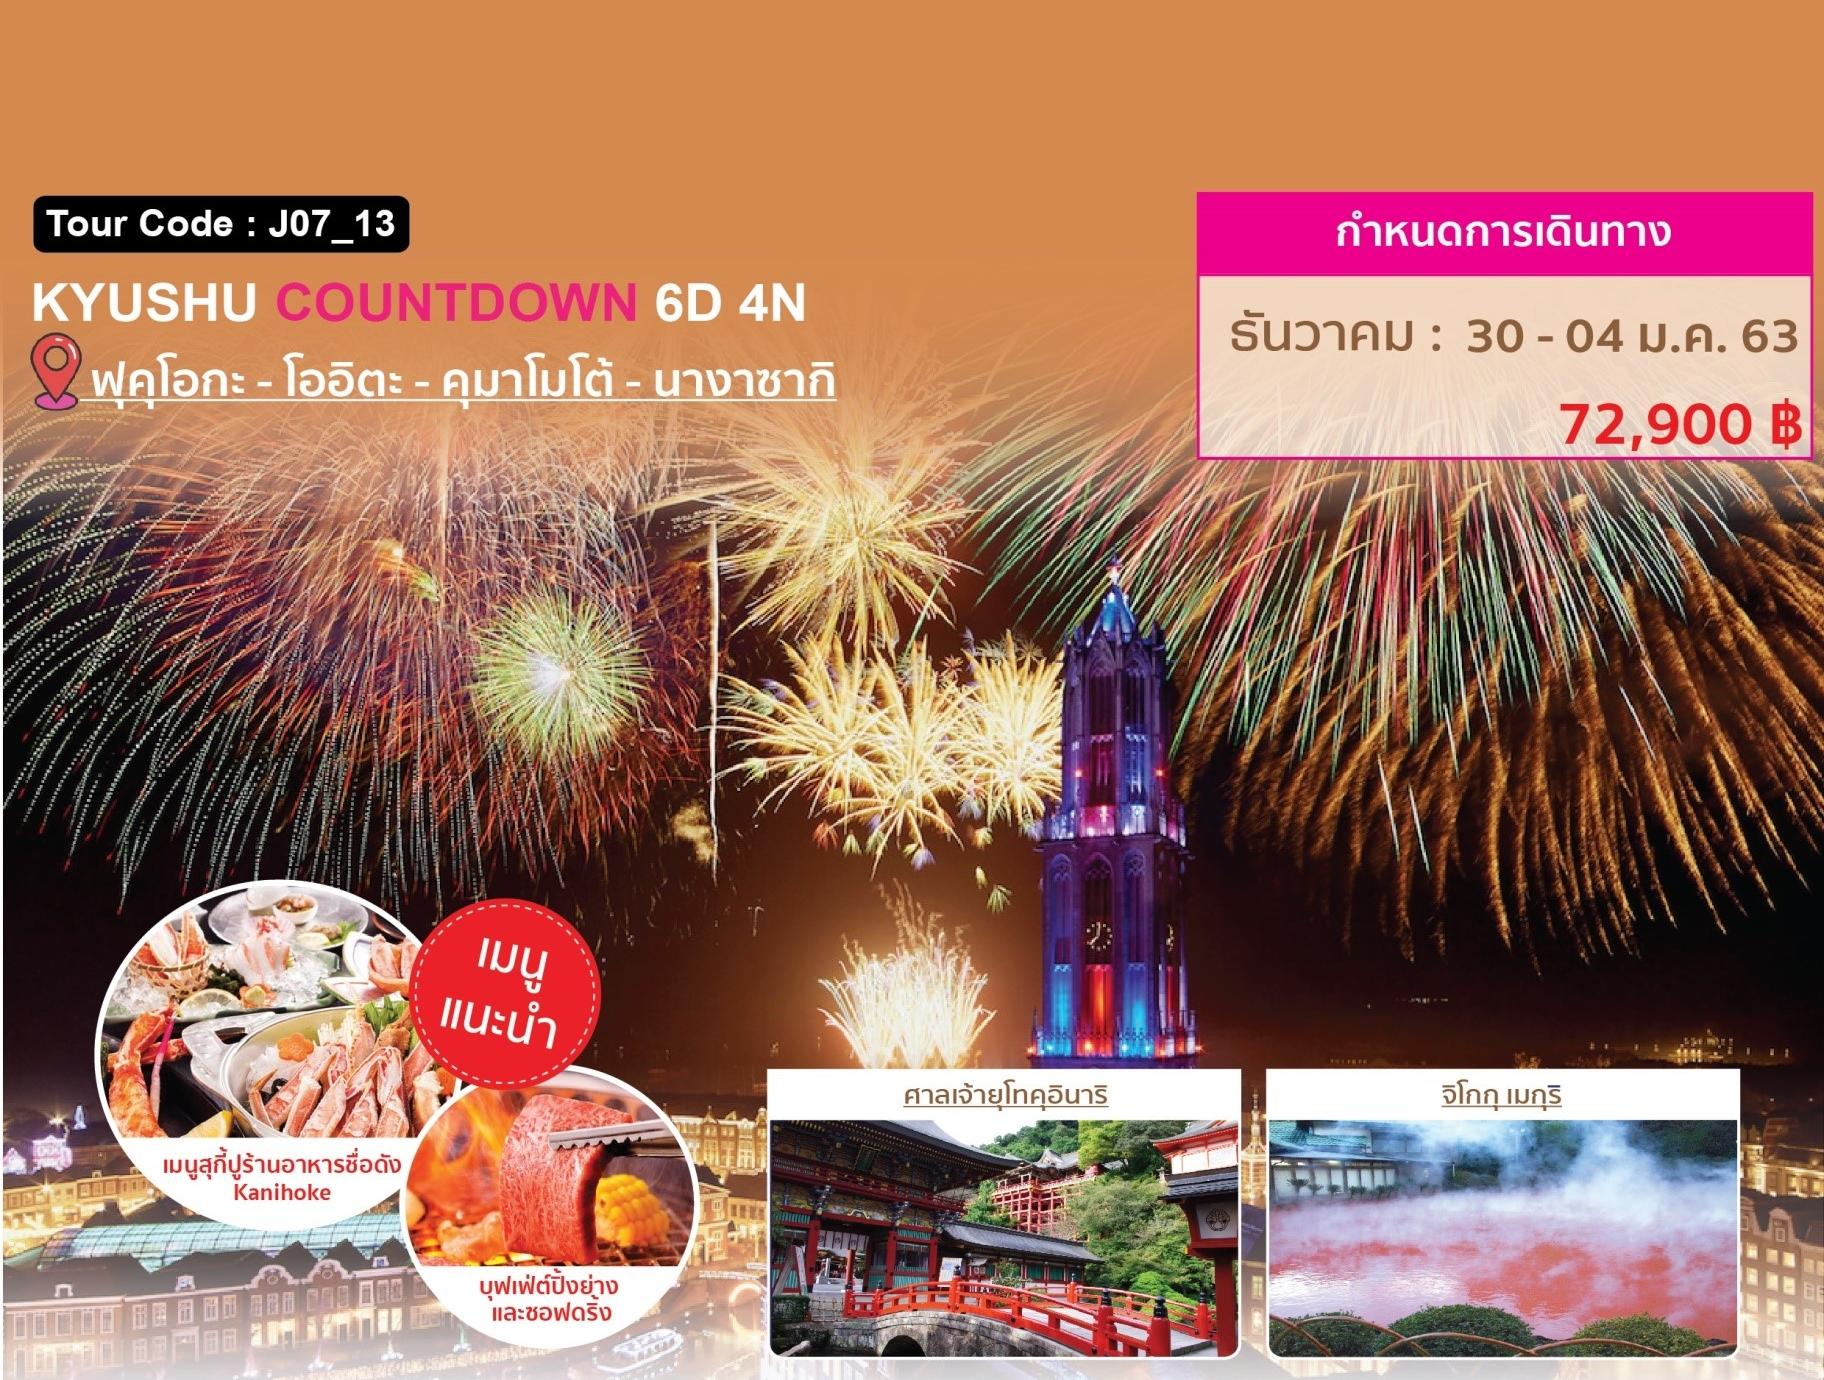 -ปีใหม่-!!ทัวร์ญี่ปุ่น-KYUSHU-COUNTDOWN-(30DEC-4JAN20)(J07_13)